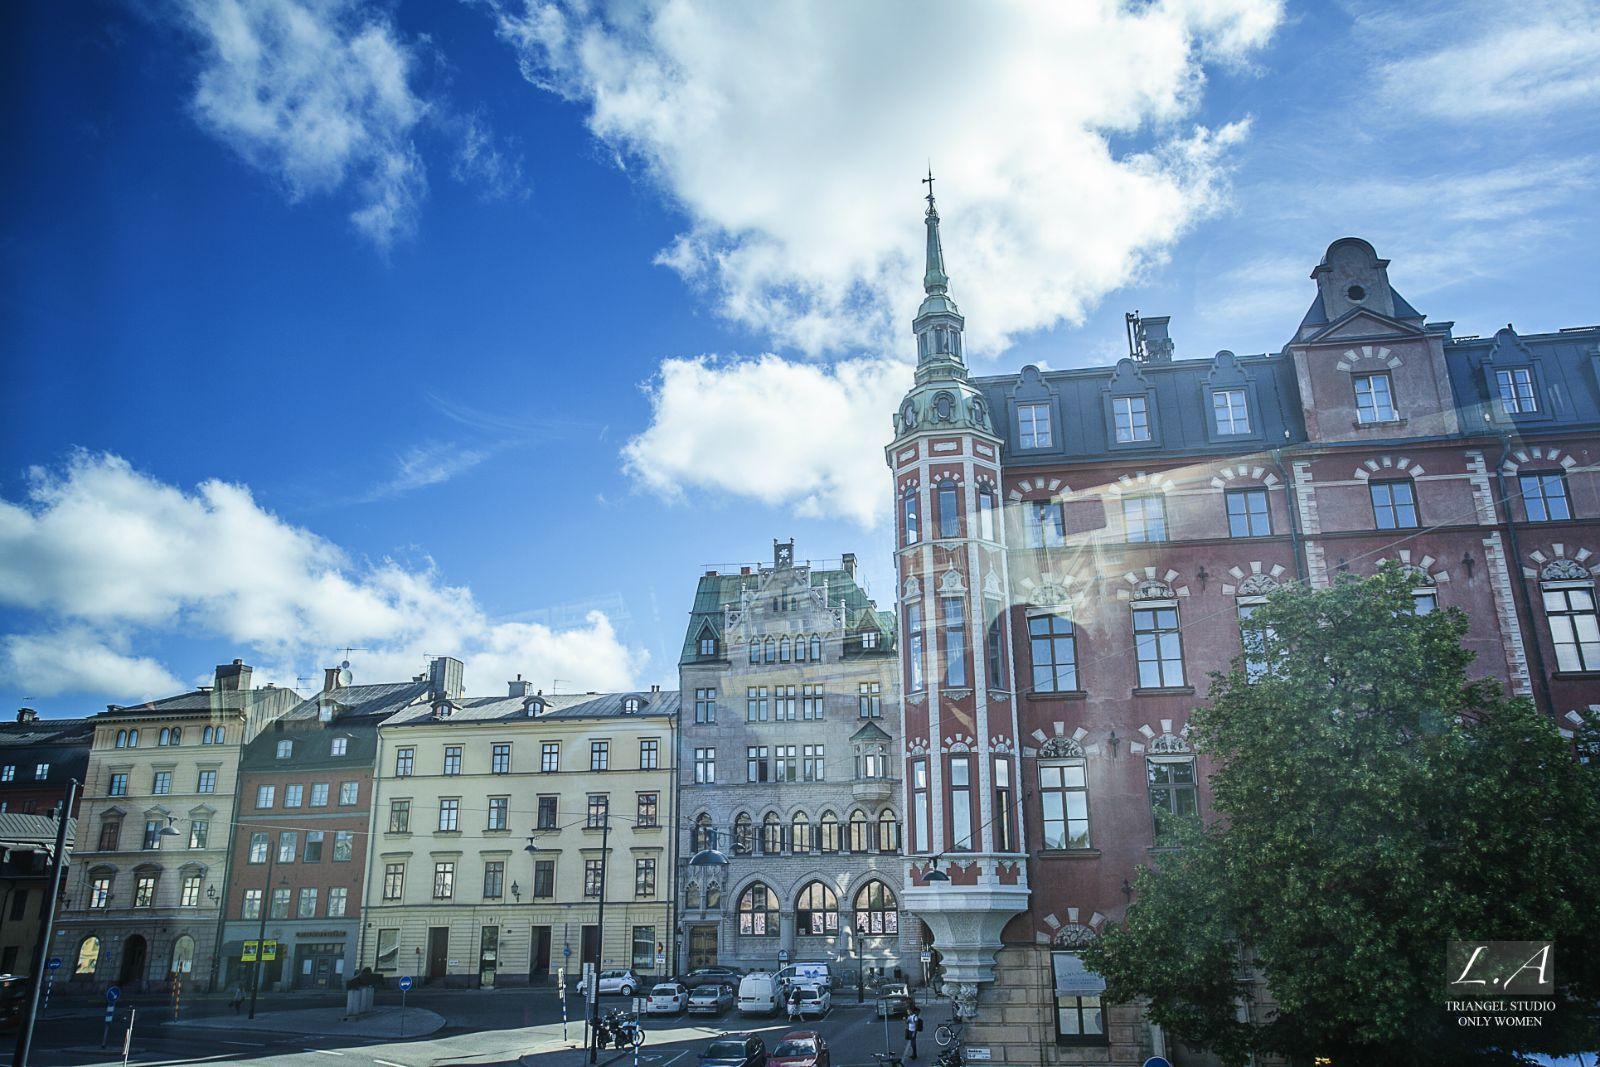 斯德哥尔摩老城